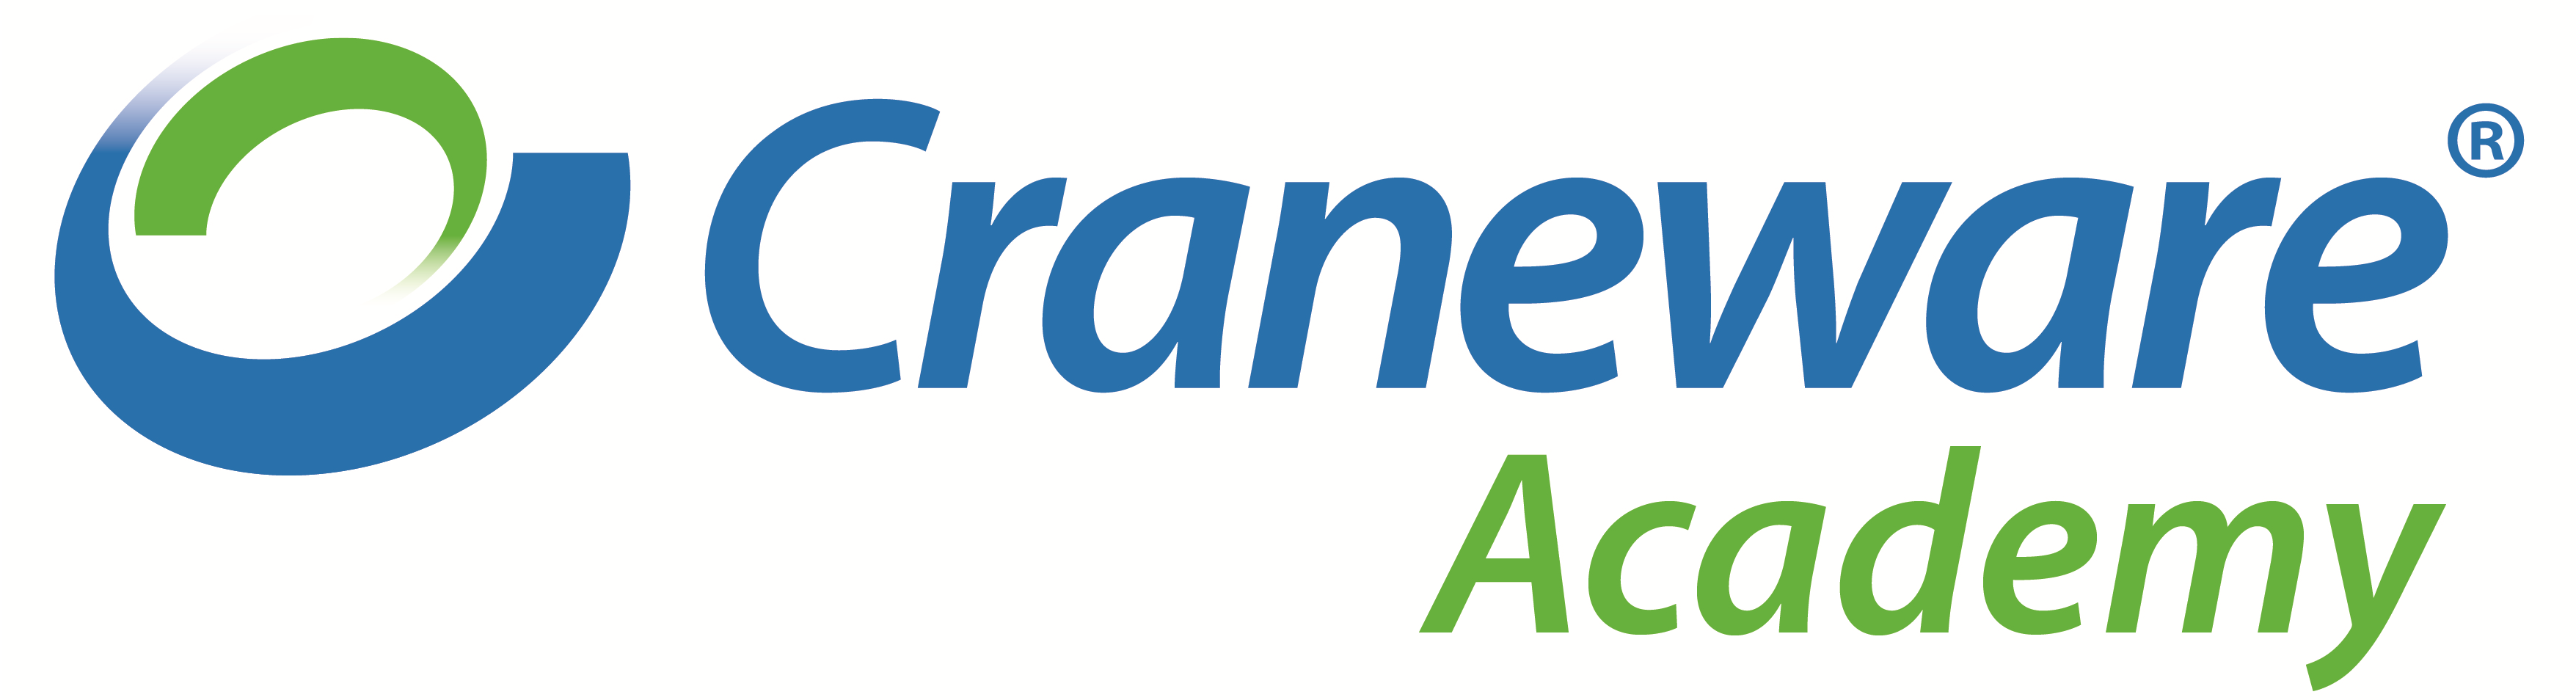 Craneware customer story